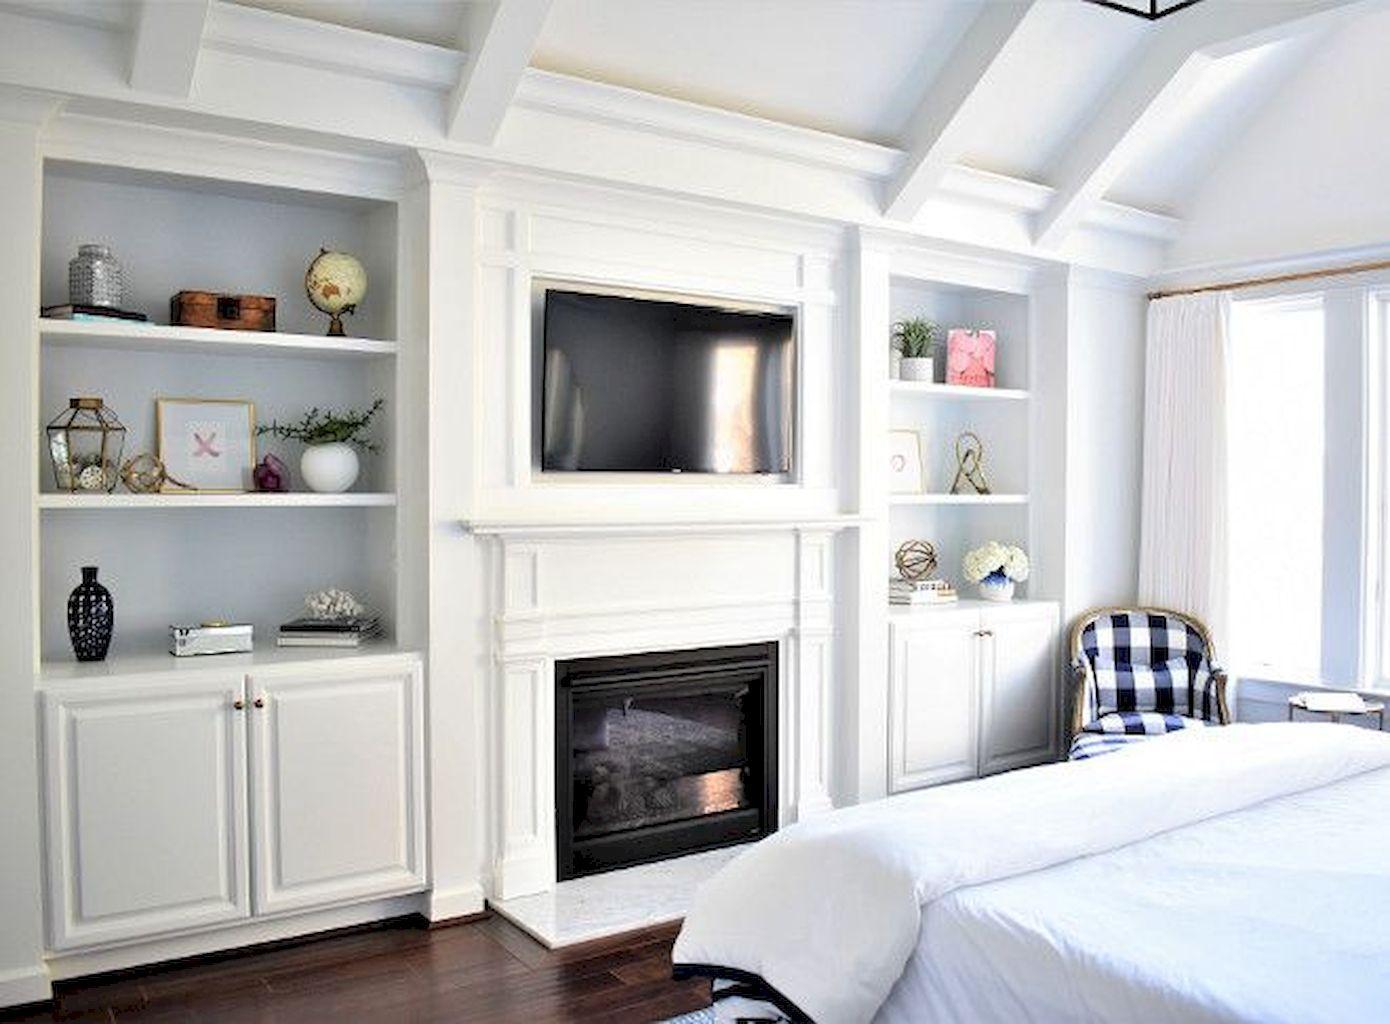 55 Small Master Bedroom Design Ideas | Bedroom built ins ...